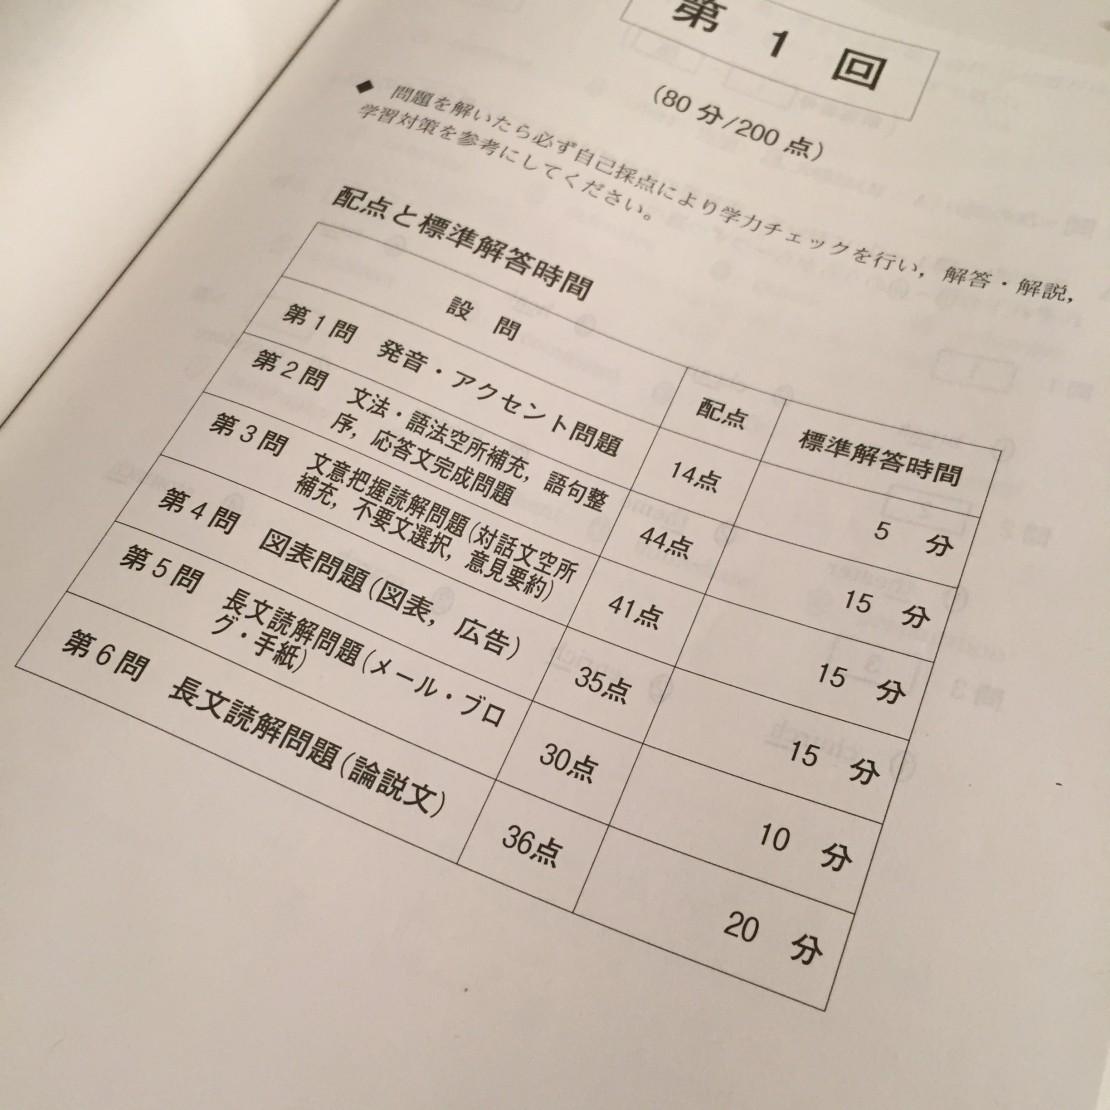 『マーク式総合問題集』の特徴とおすすめの使い方